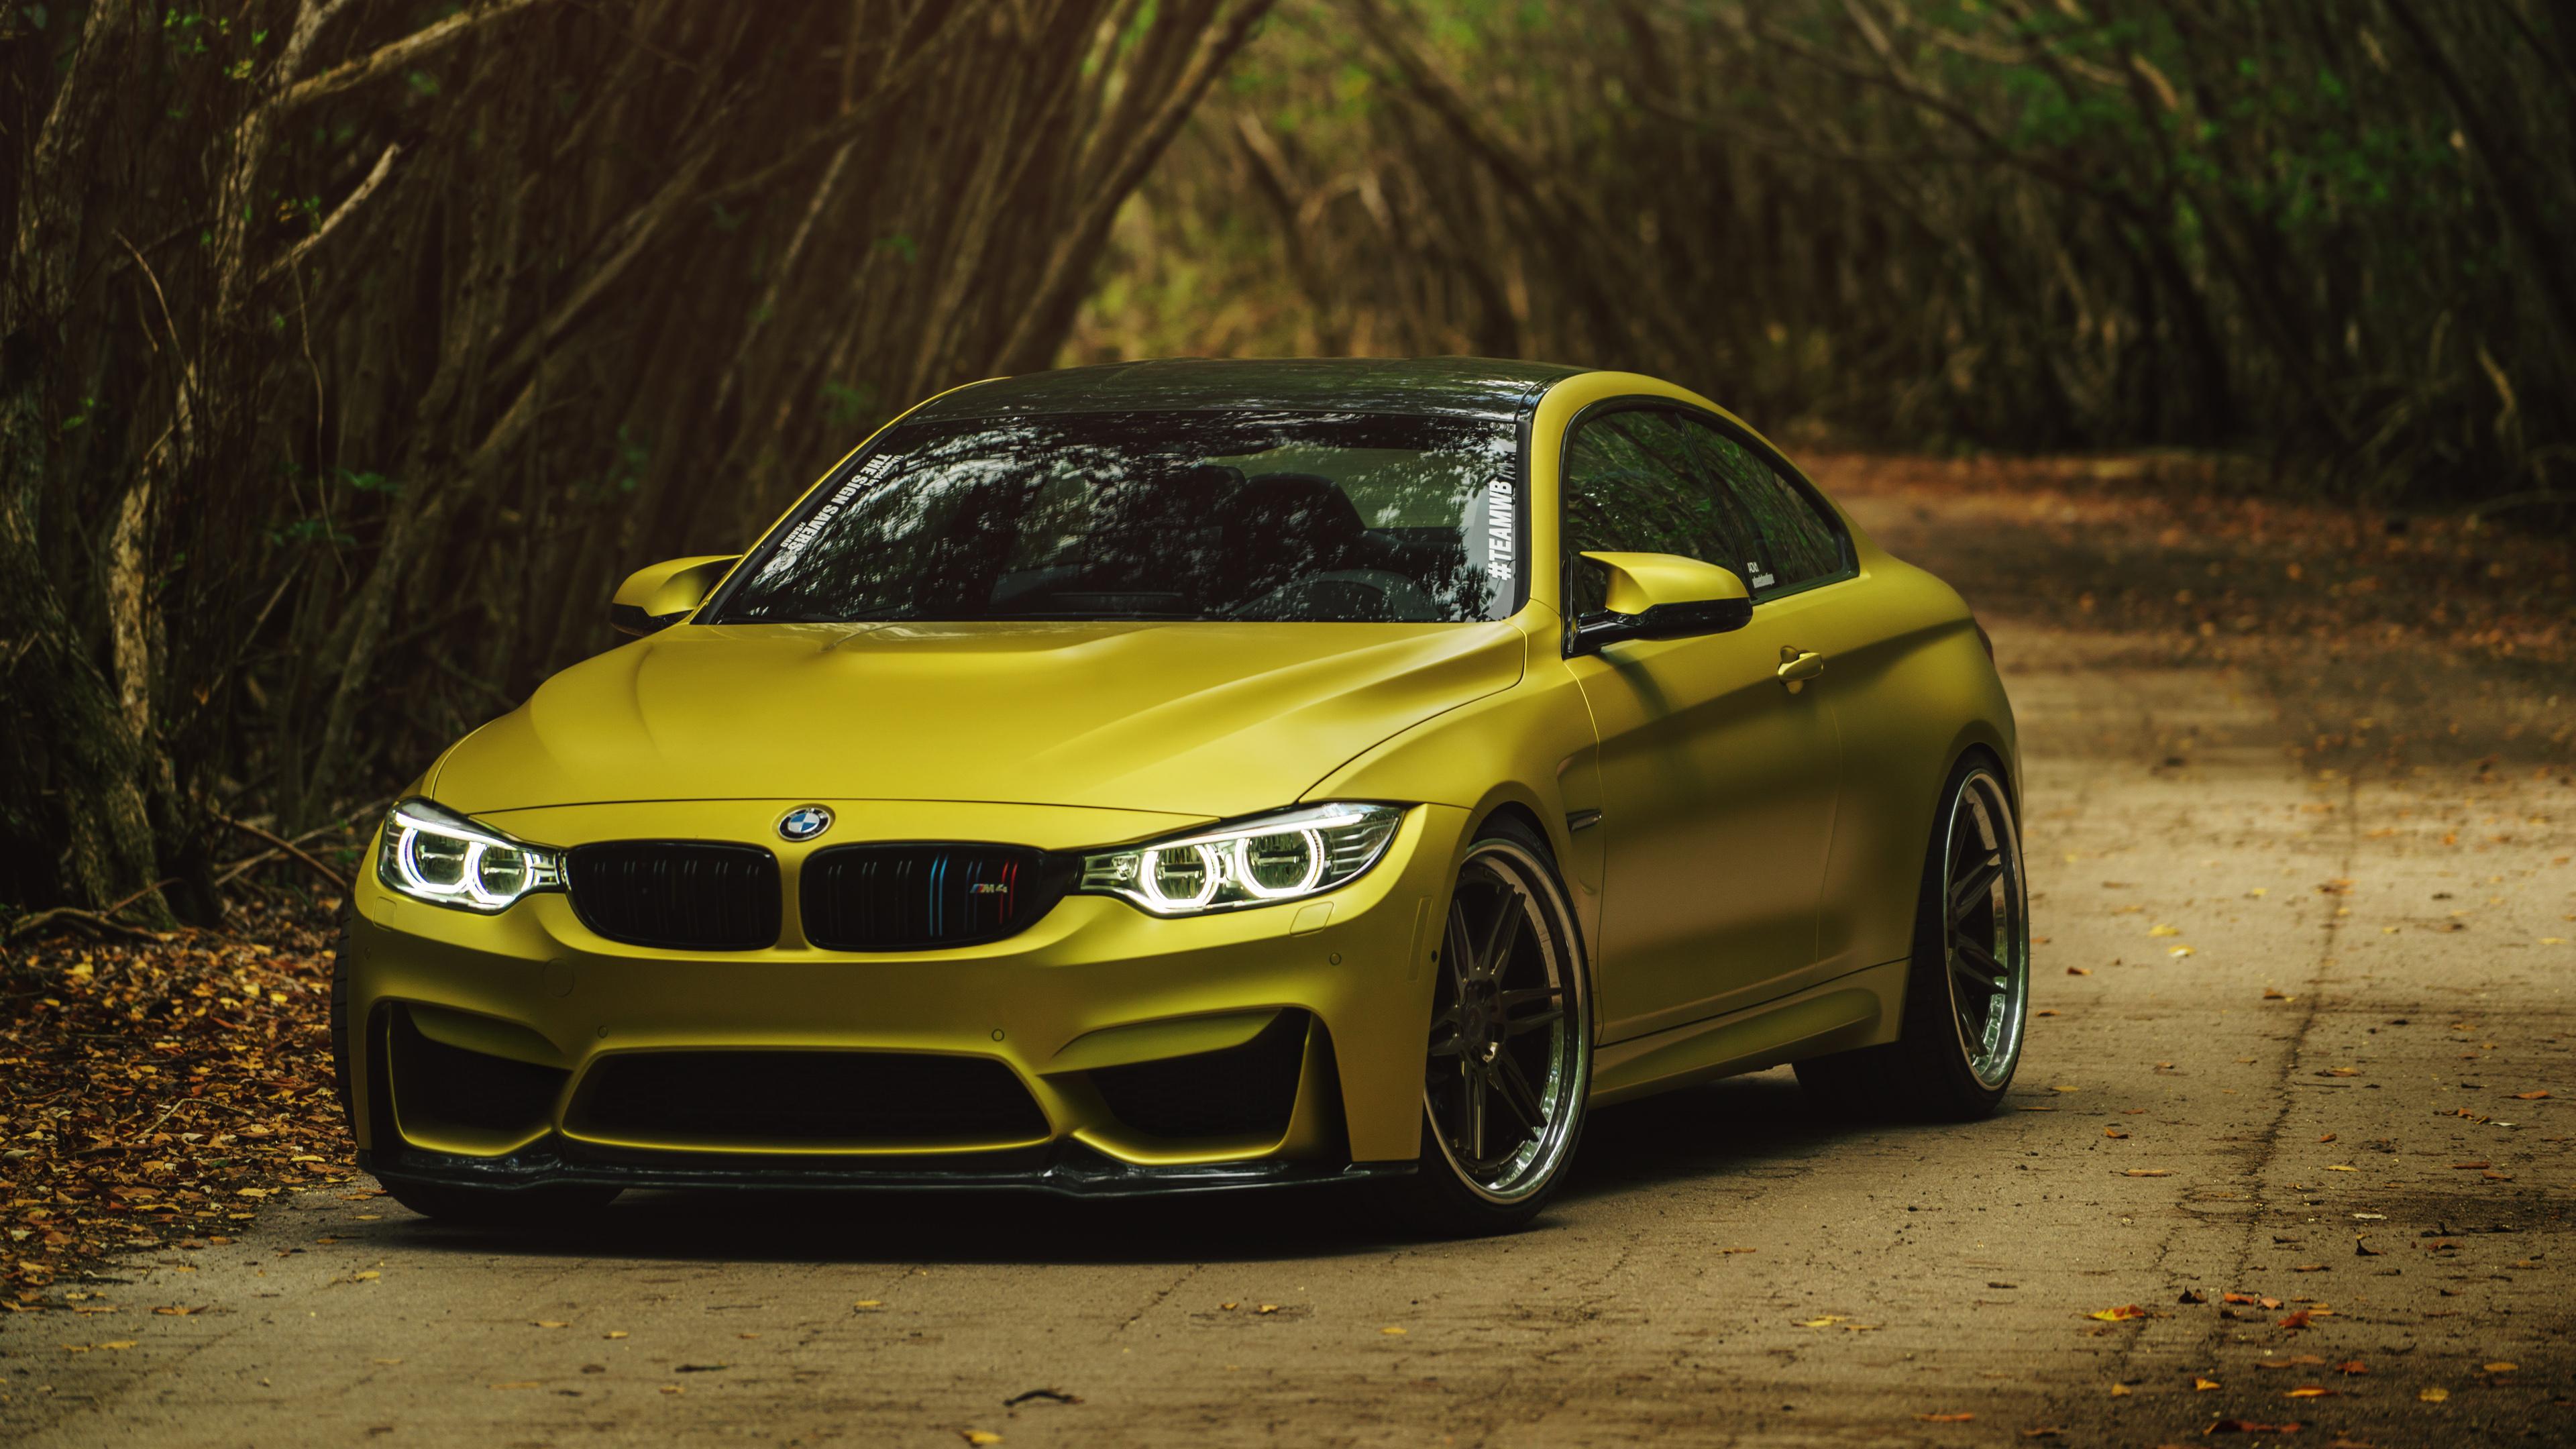 BMW M4 (Golden) - BMW Wallpaper (40229537) - Fanpop